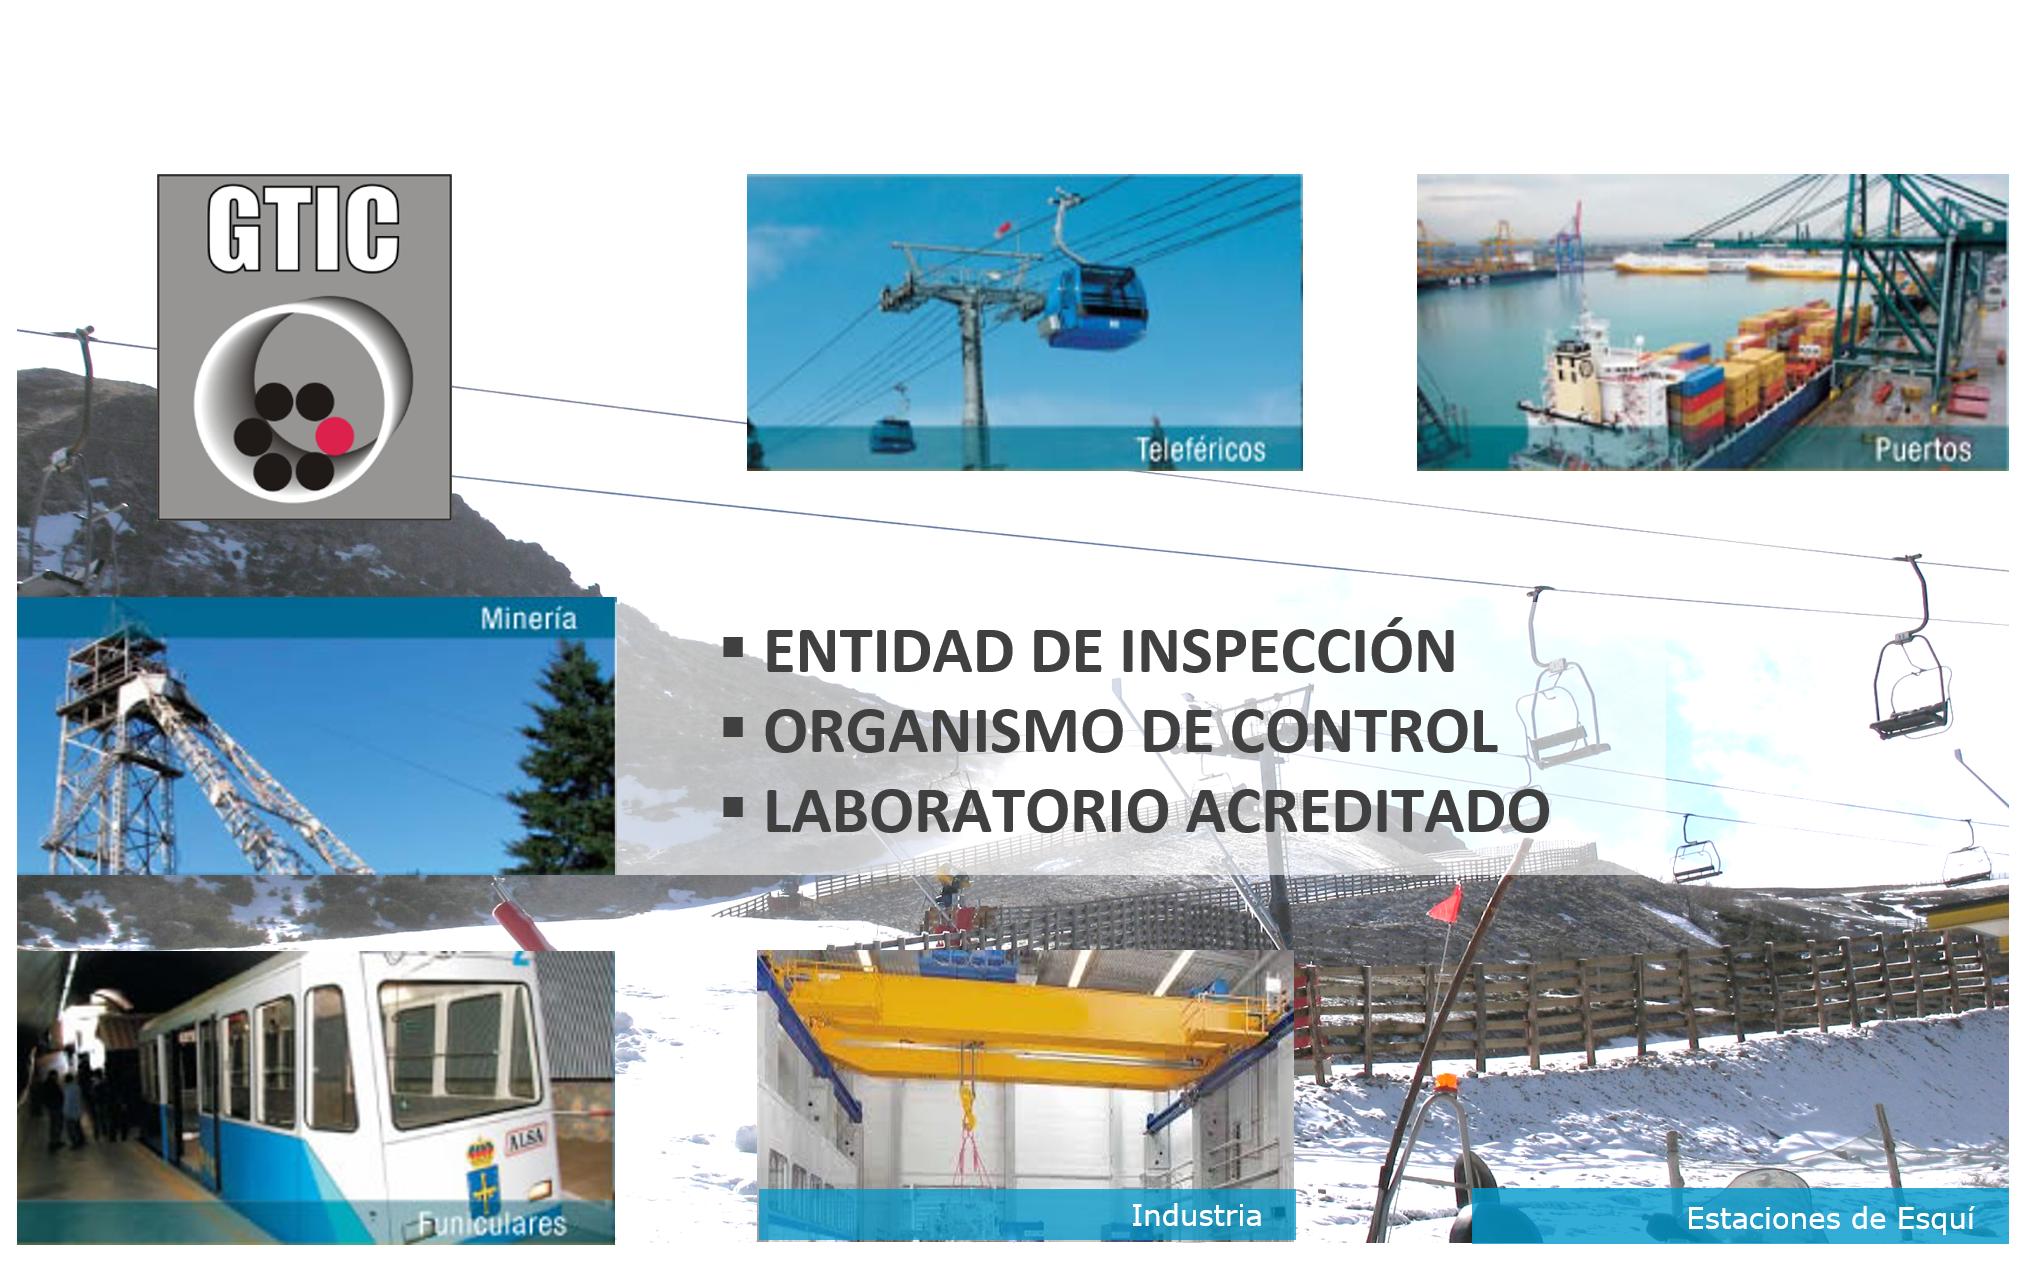 Sectores de aplicacion de la inspeccion de cables de acero